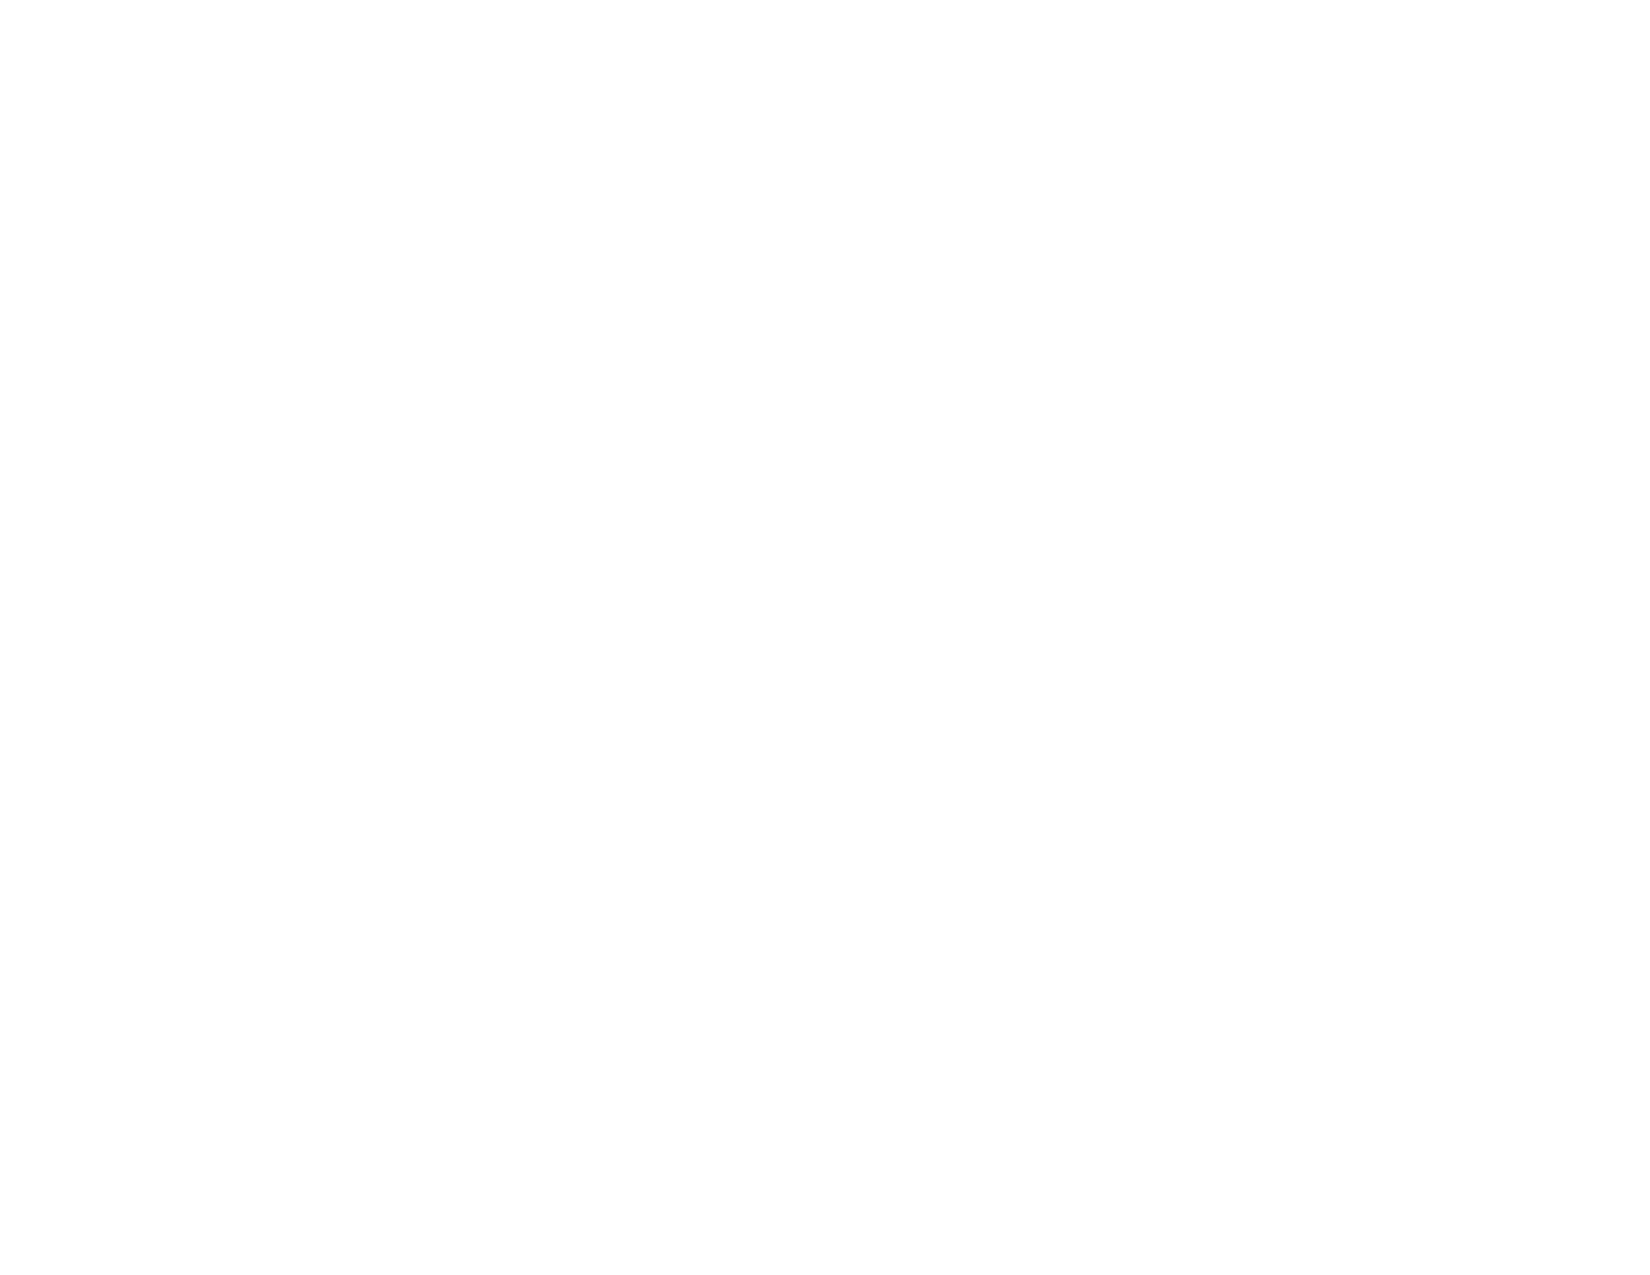 logos-white-1_0000_logo-trends.png